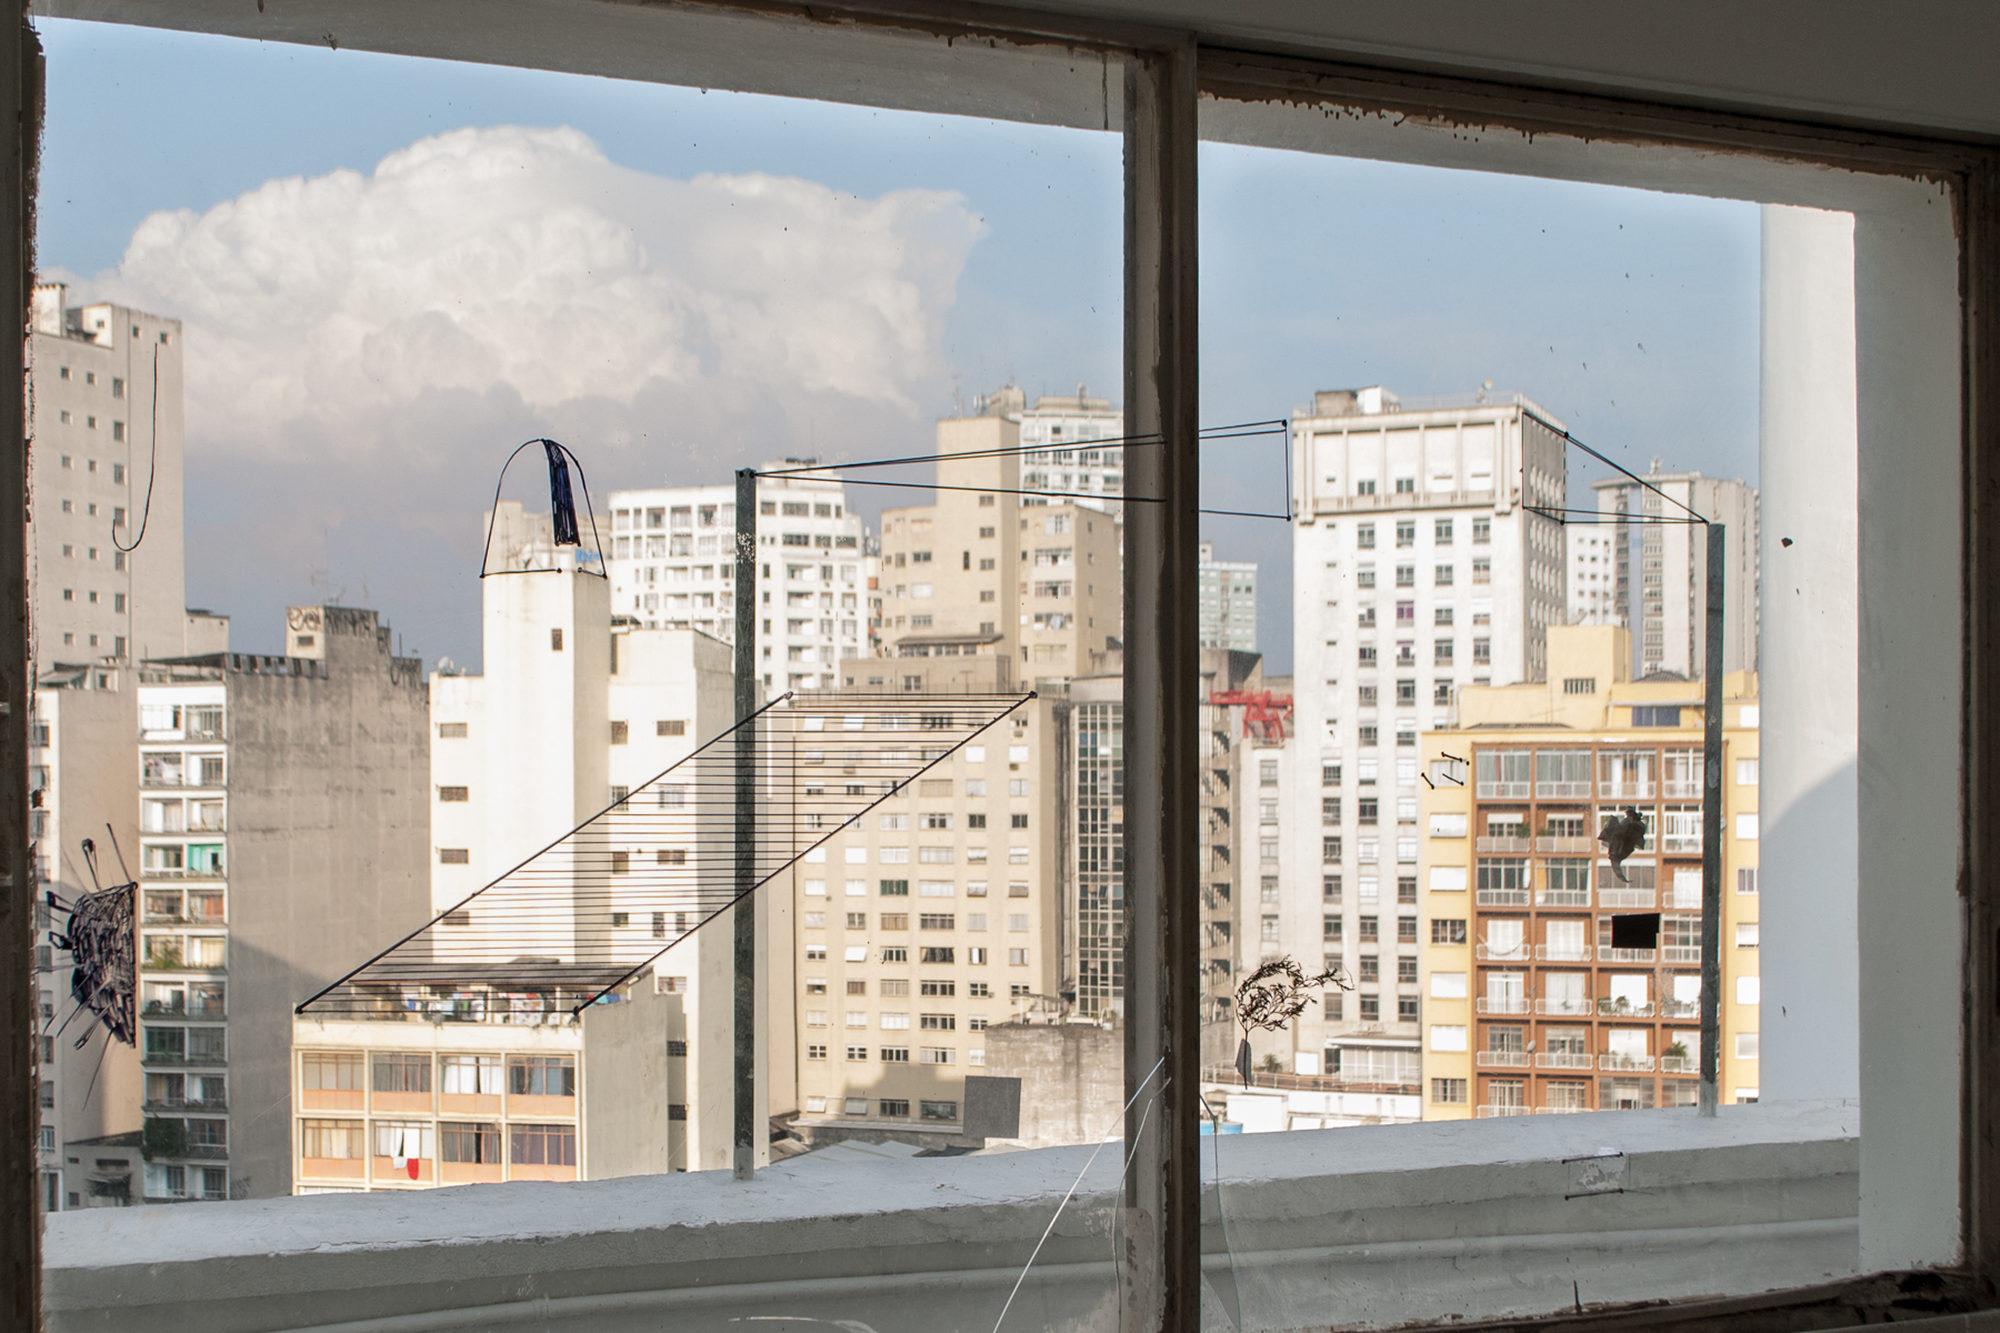 27 Observatório - Acareação - Nicolás Robbio, Possíveis pontos de vista sobre uma paisagem aleatória